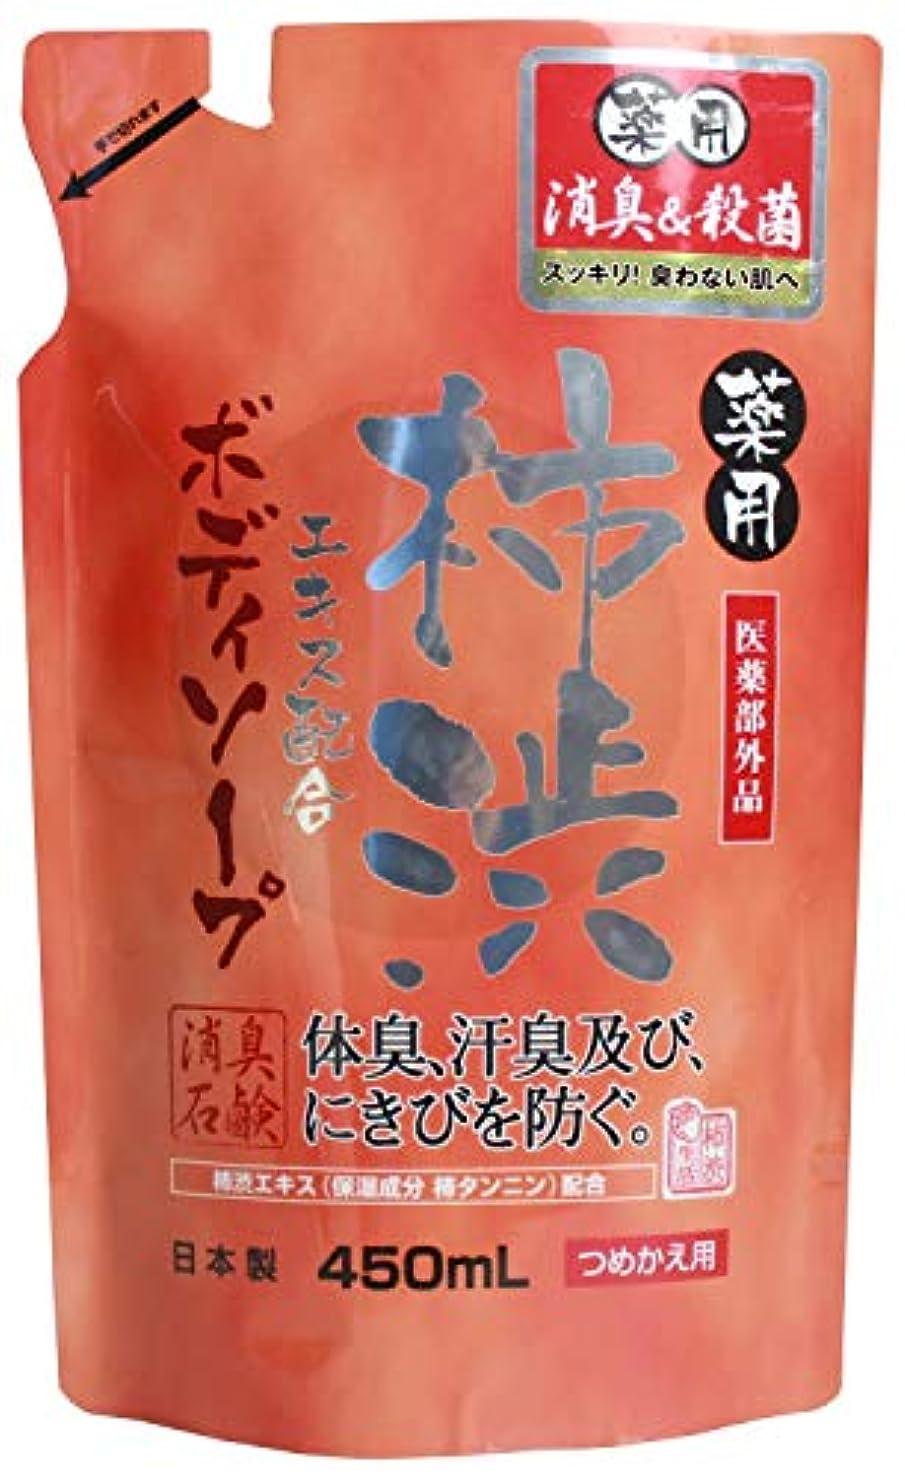 魅力的であることへのアピール開示する立ち寄る薬用柿渋 ボディソープ (つめかえ用) 450mL 【医薬部外品】